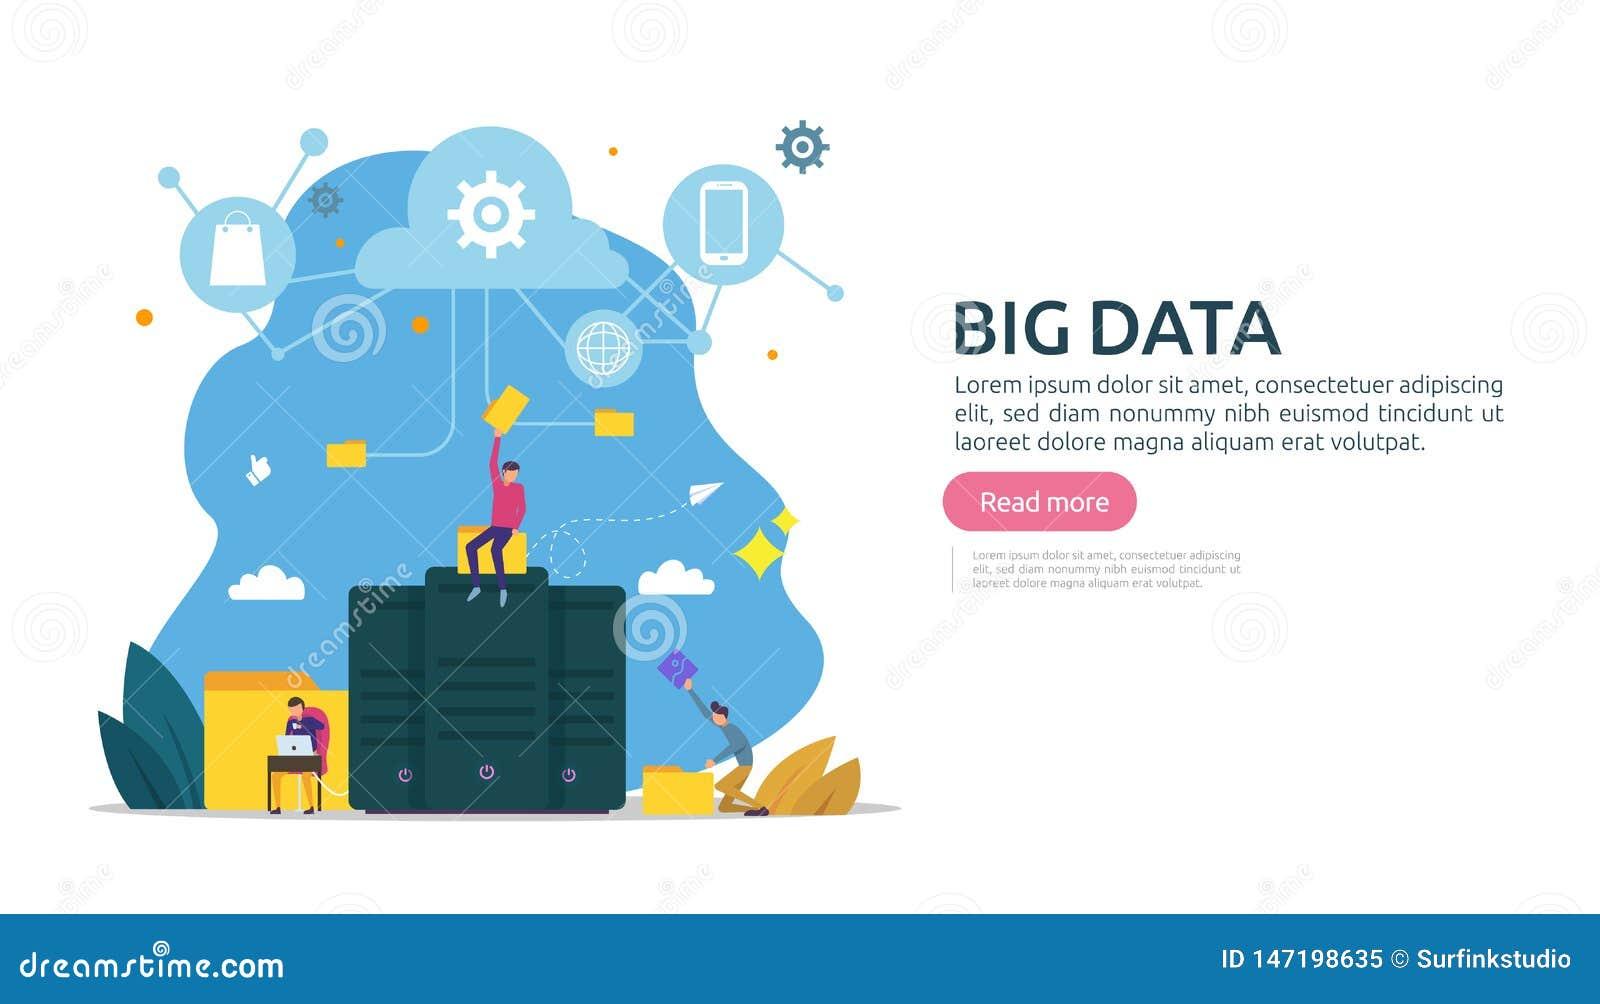 μεγάλο στοιχείων και ανάλυσης επεξεργασίας πρότυπο σελίδων έννοιας προσγειωμένος υπηρεσία βάσεων δεδομένων σύννεφων, ράφι κεντρικ